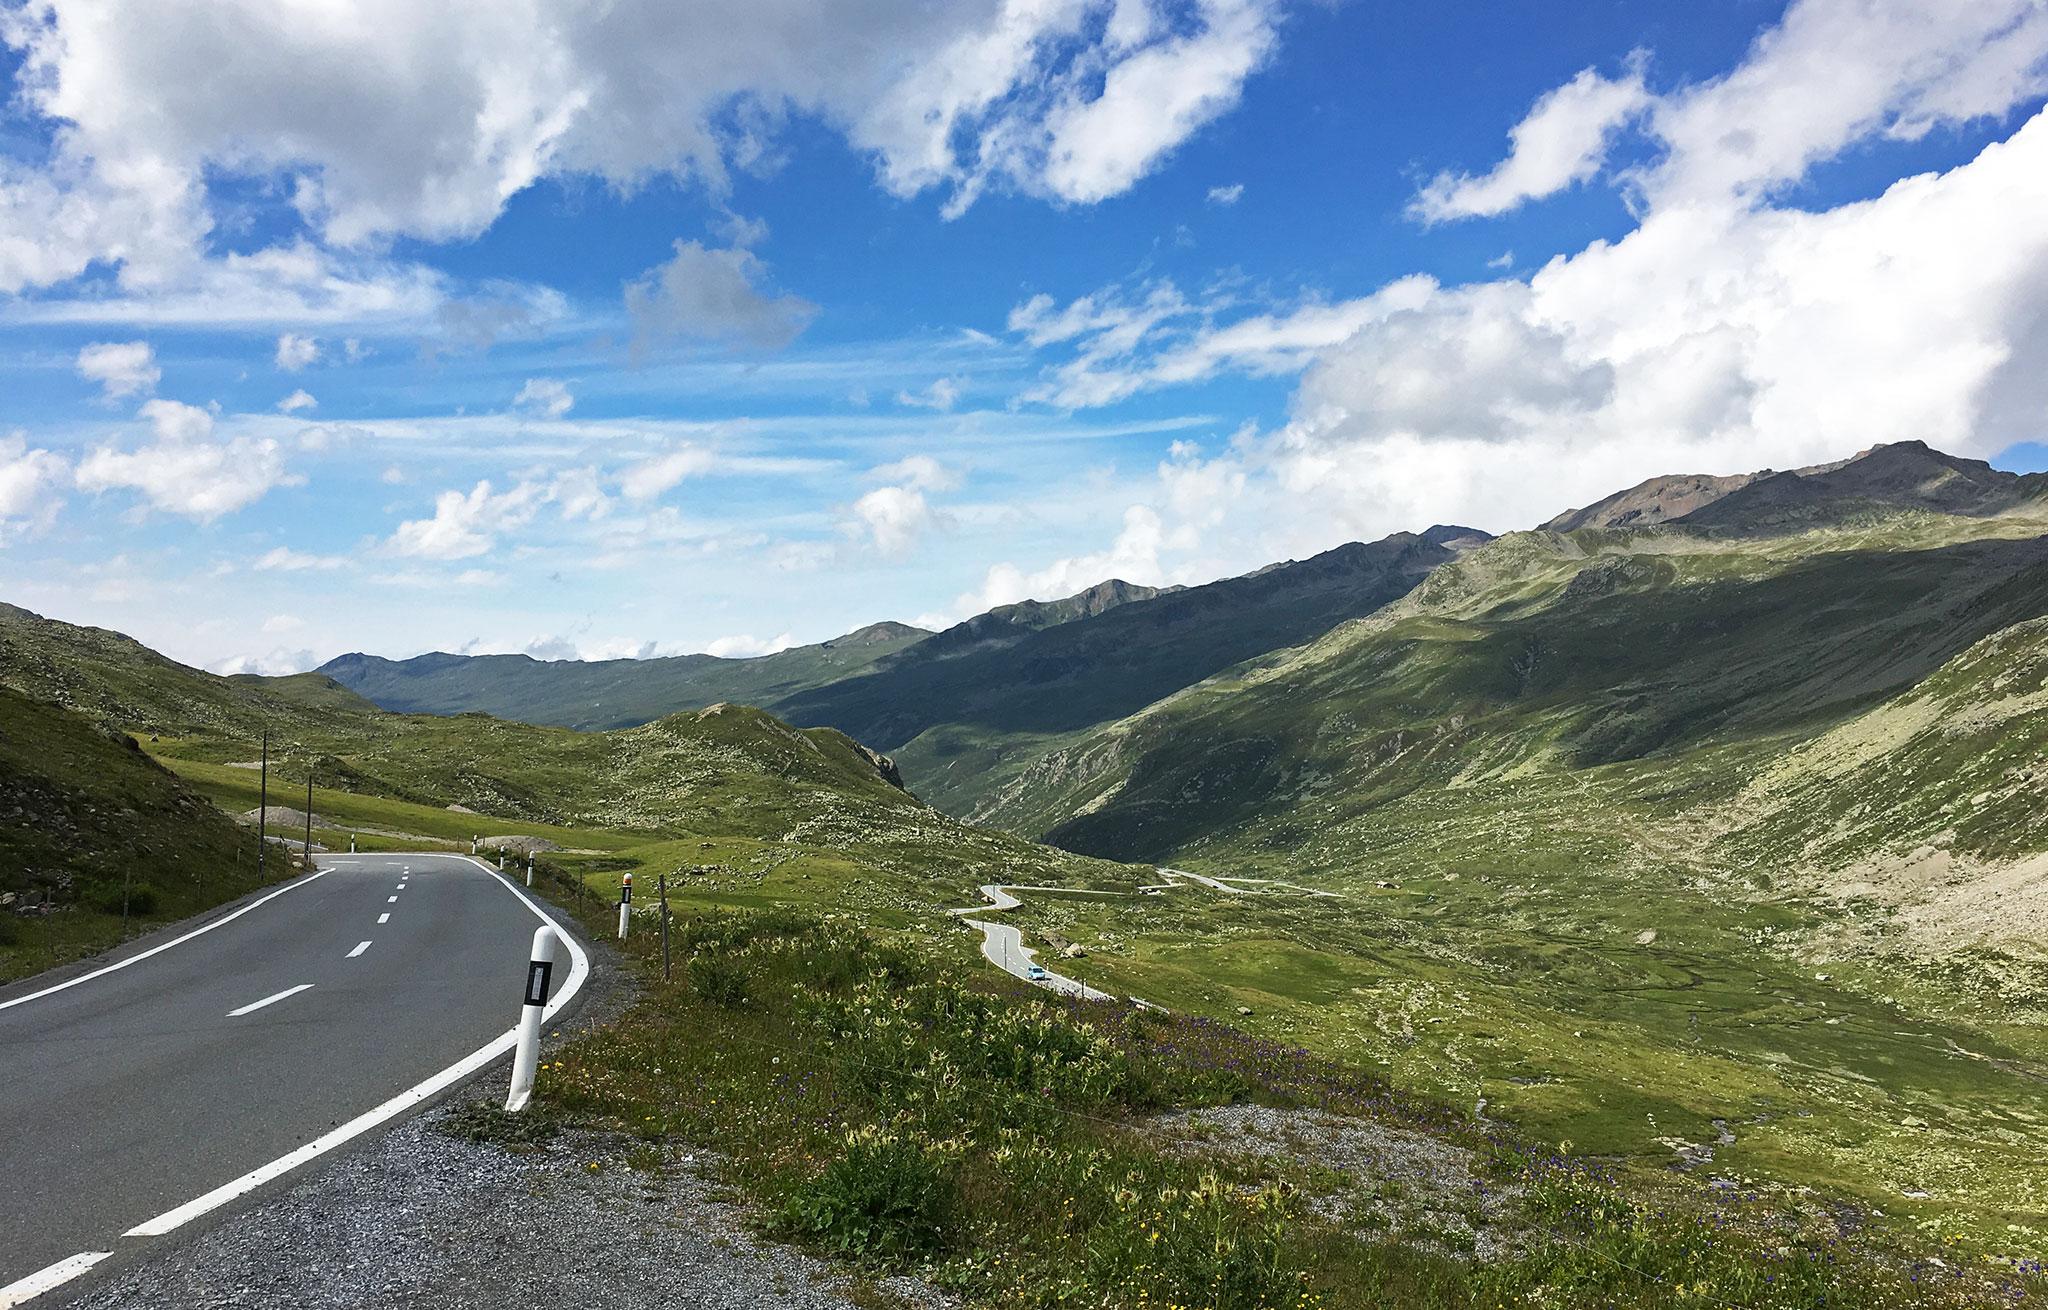 Summer Adventure 2017: Swiss mountain roads